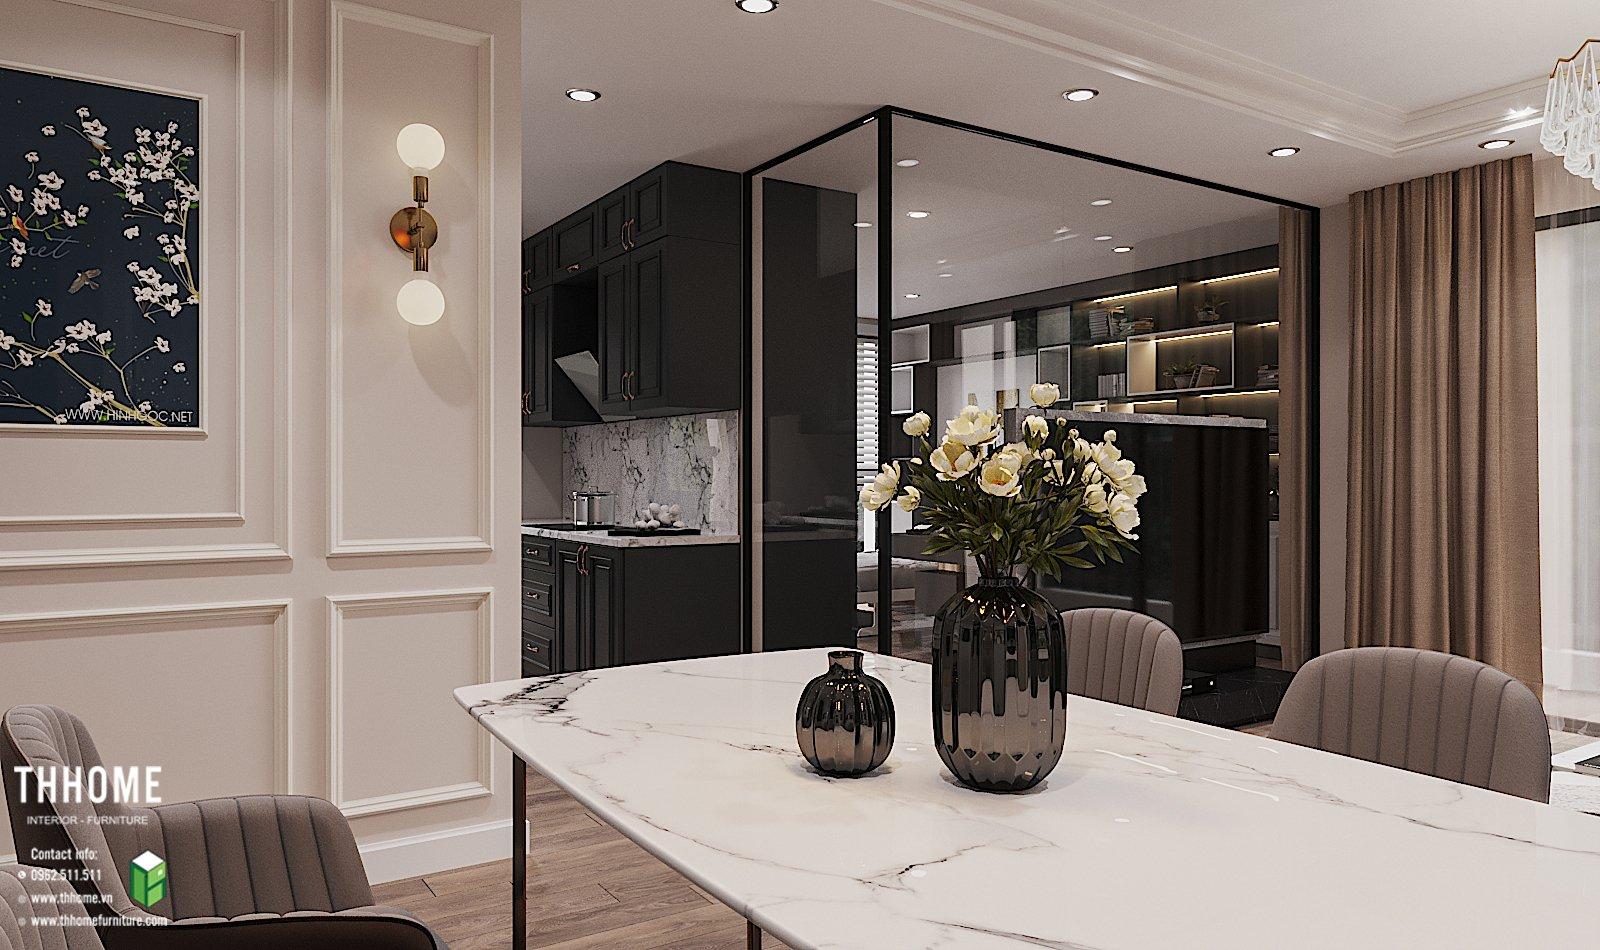 Phòng bếp nhỏ gọn mang lại không gian ấm cúng trong từng bữa ăn